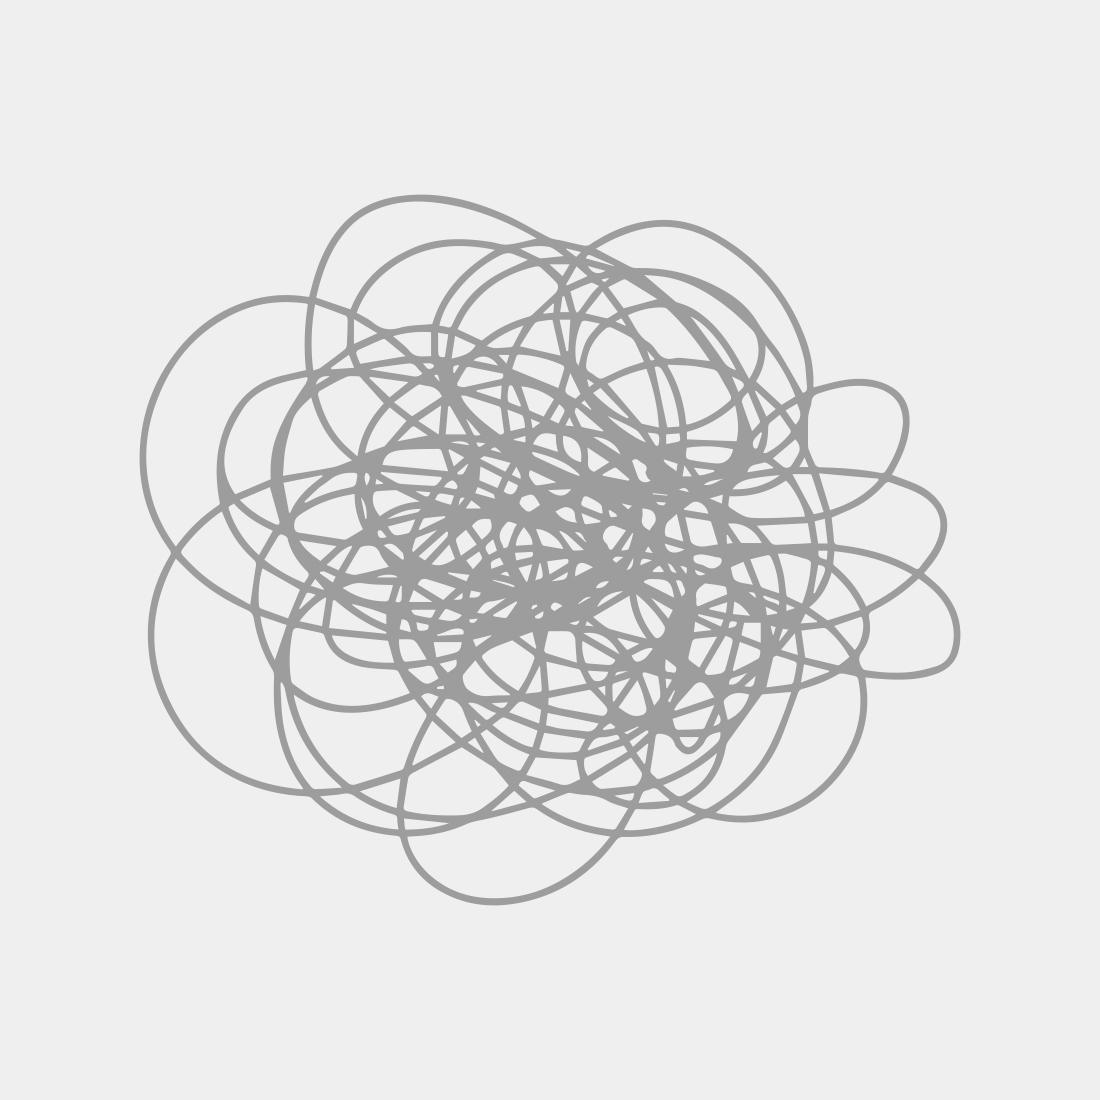 Prismatic Umbrella